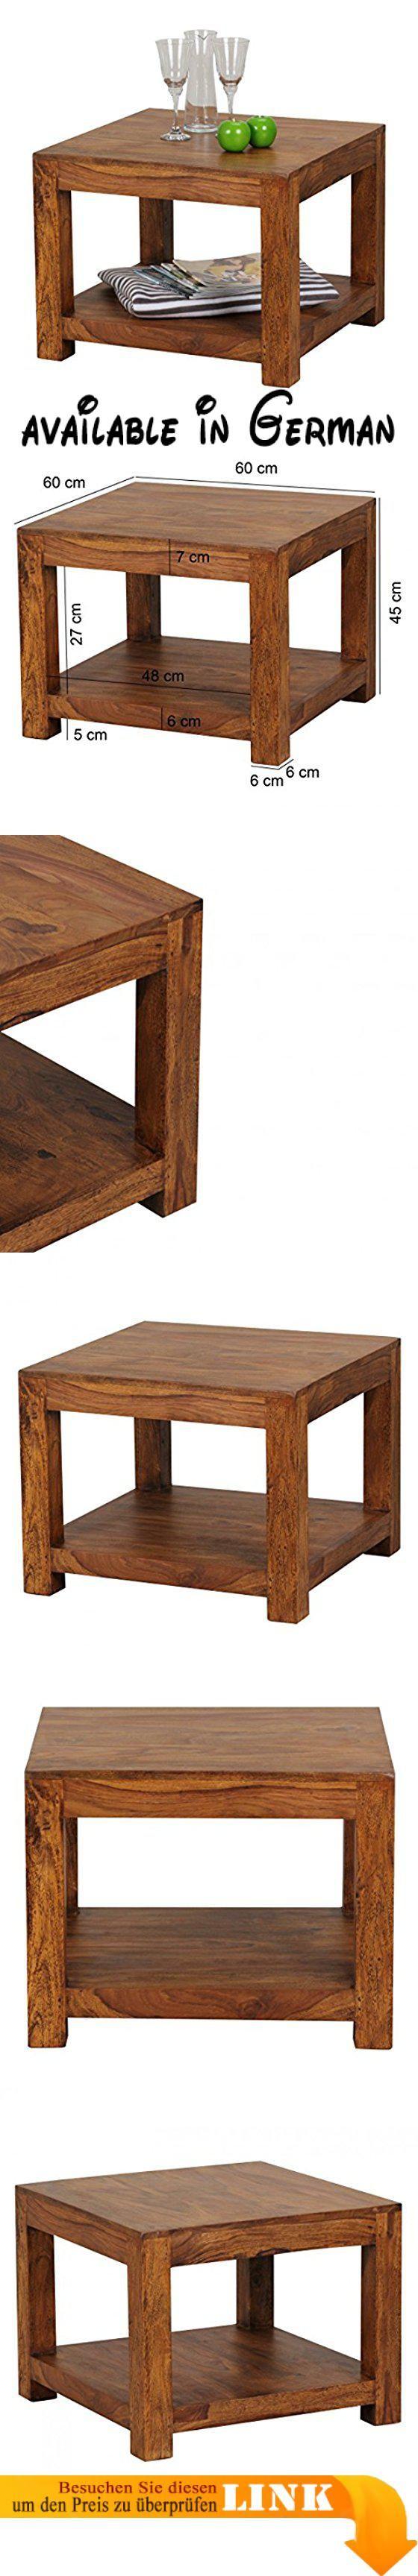 B013BQKURC : Wohnling Couchtisch Massiv-Holz Sheesham 60 x 60 cm ...